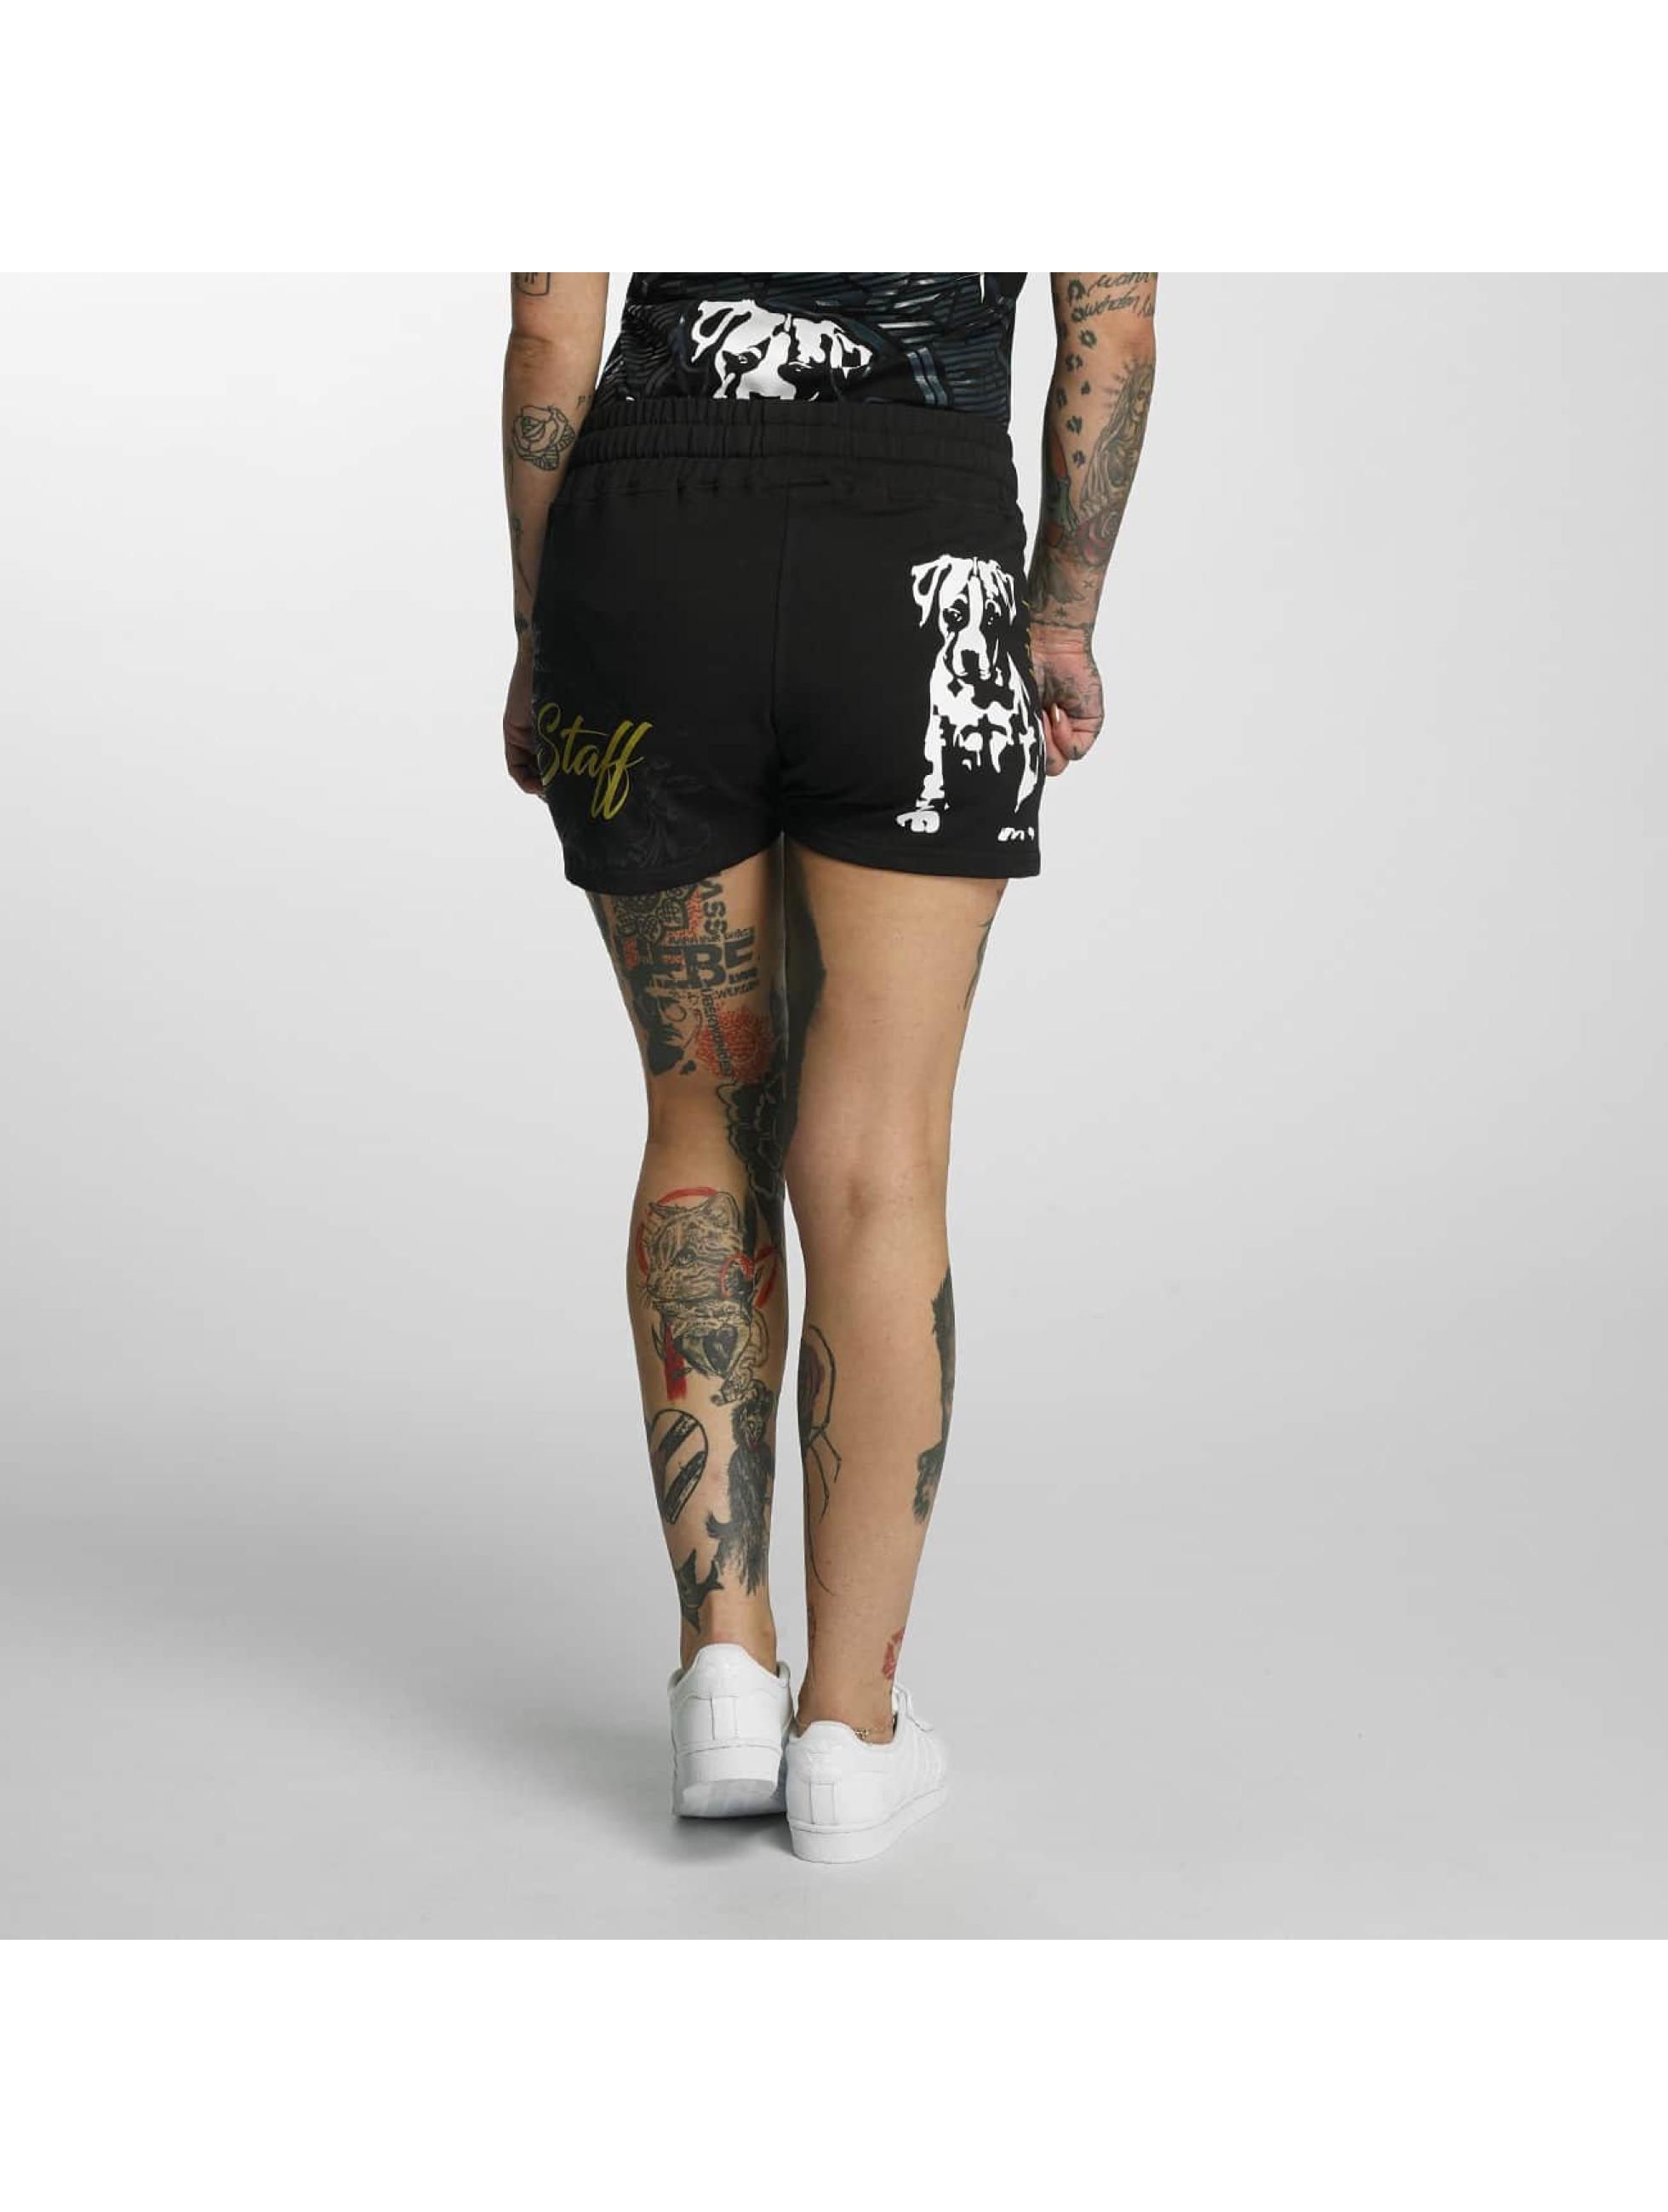 Babystaff Pantalón cortos Feos negro